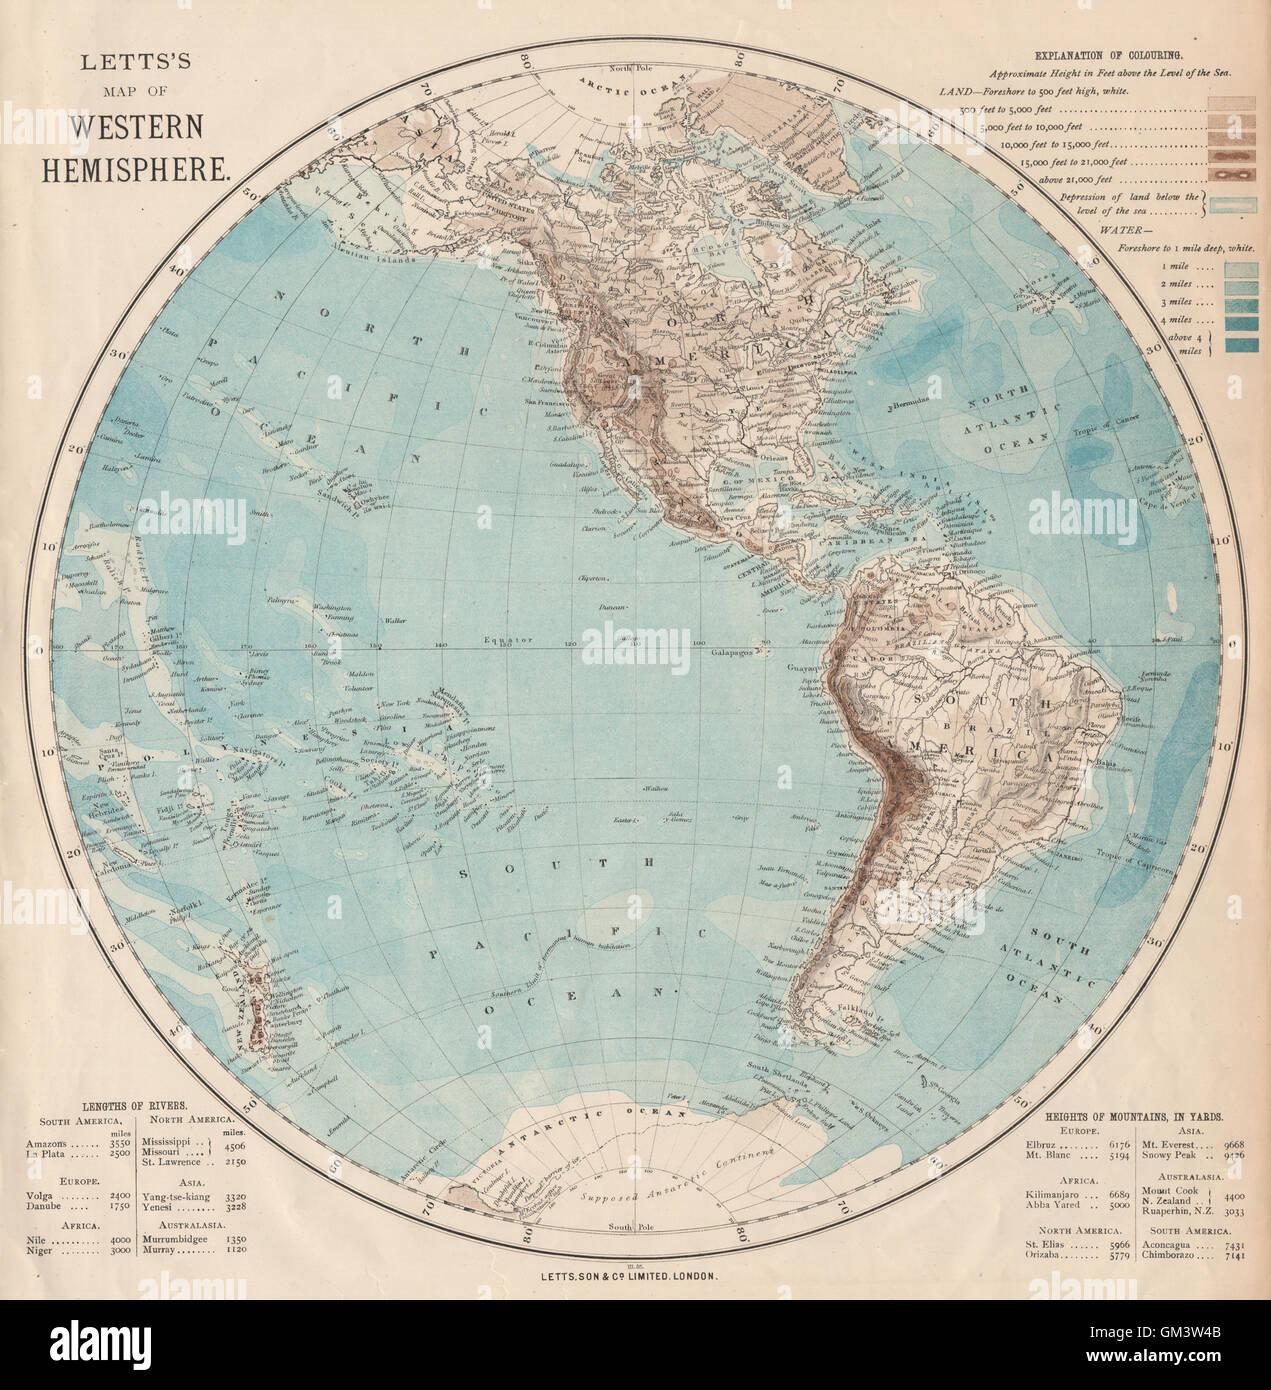 Western hemisphere the americas pacific ocean new zealand letts western hemisphere the americas pacific ocean new zealand letts 1889 map gumiabroncs Gallery